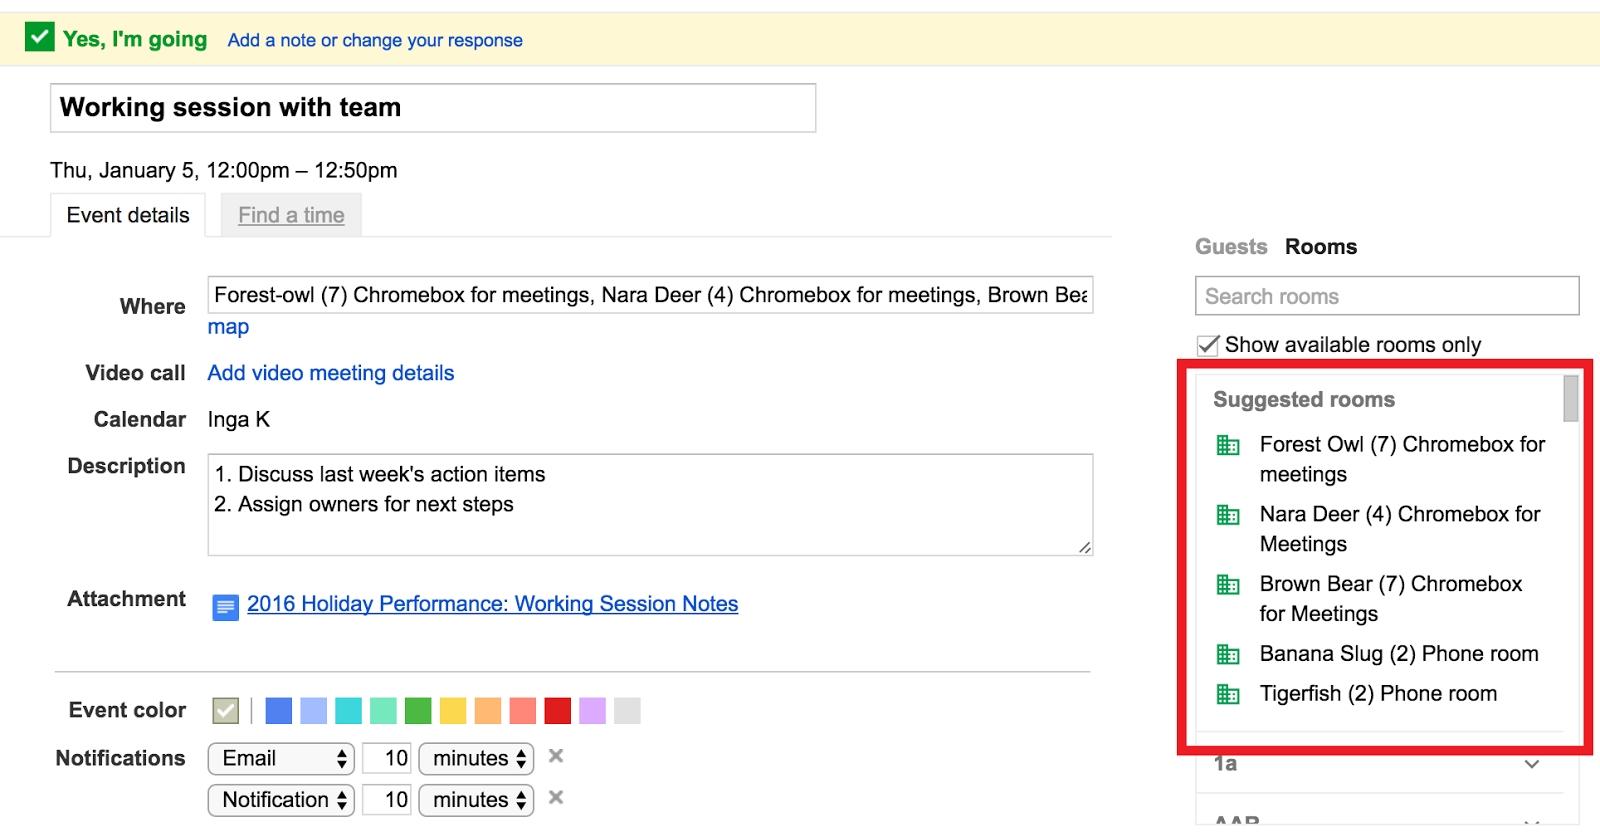 G Suite Updates Blog: Smarter Meeting Scheduling In Google